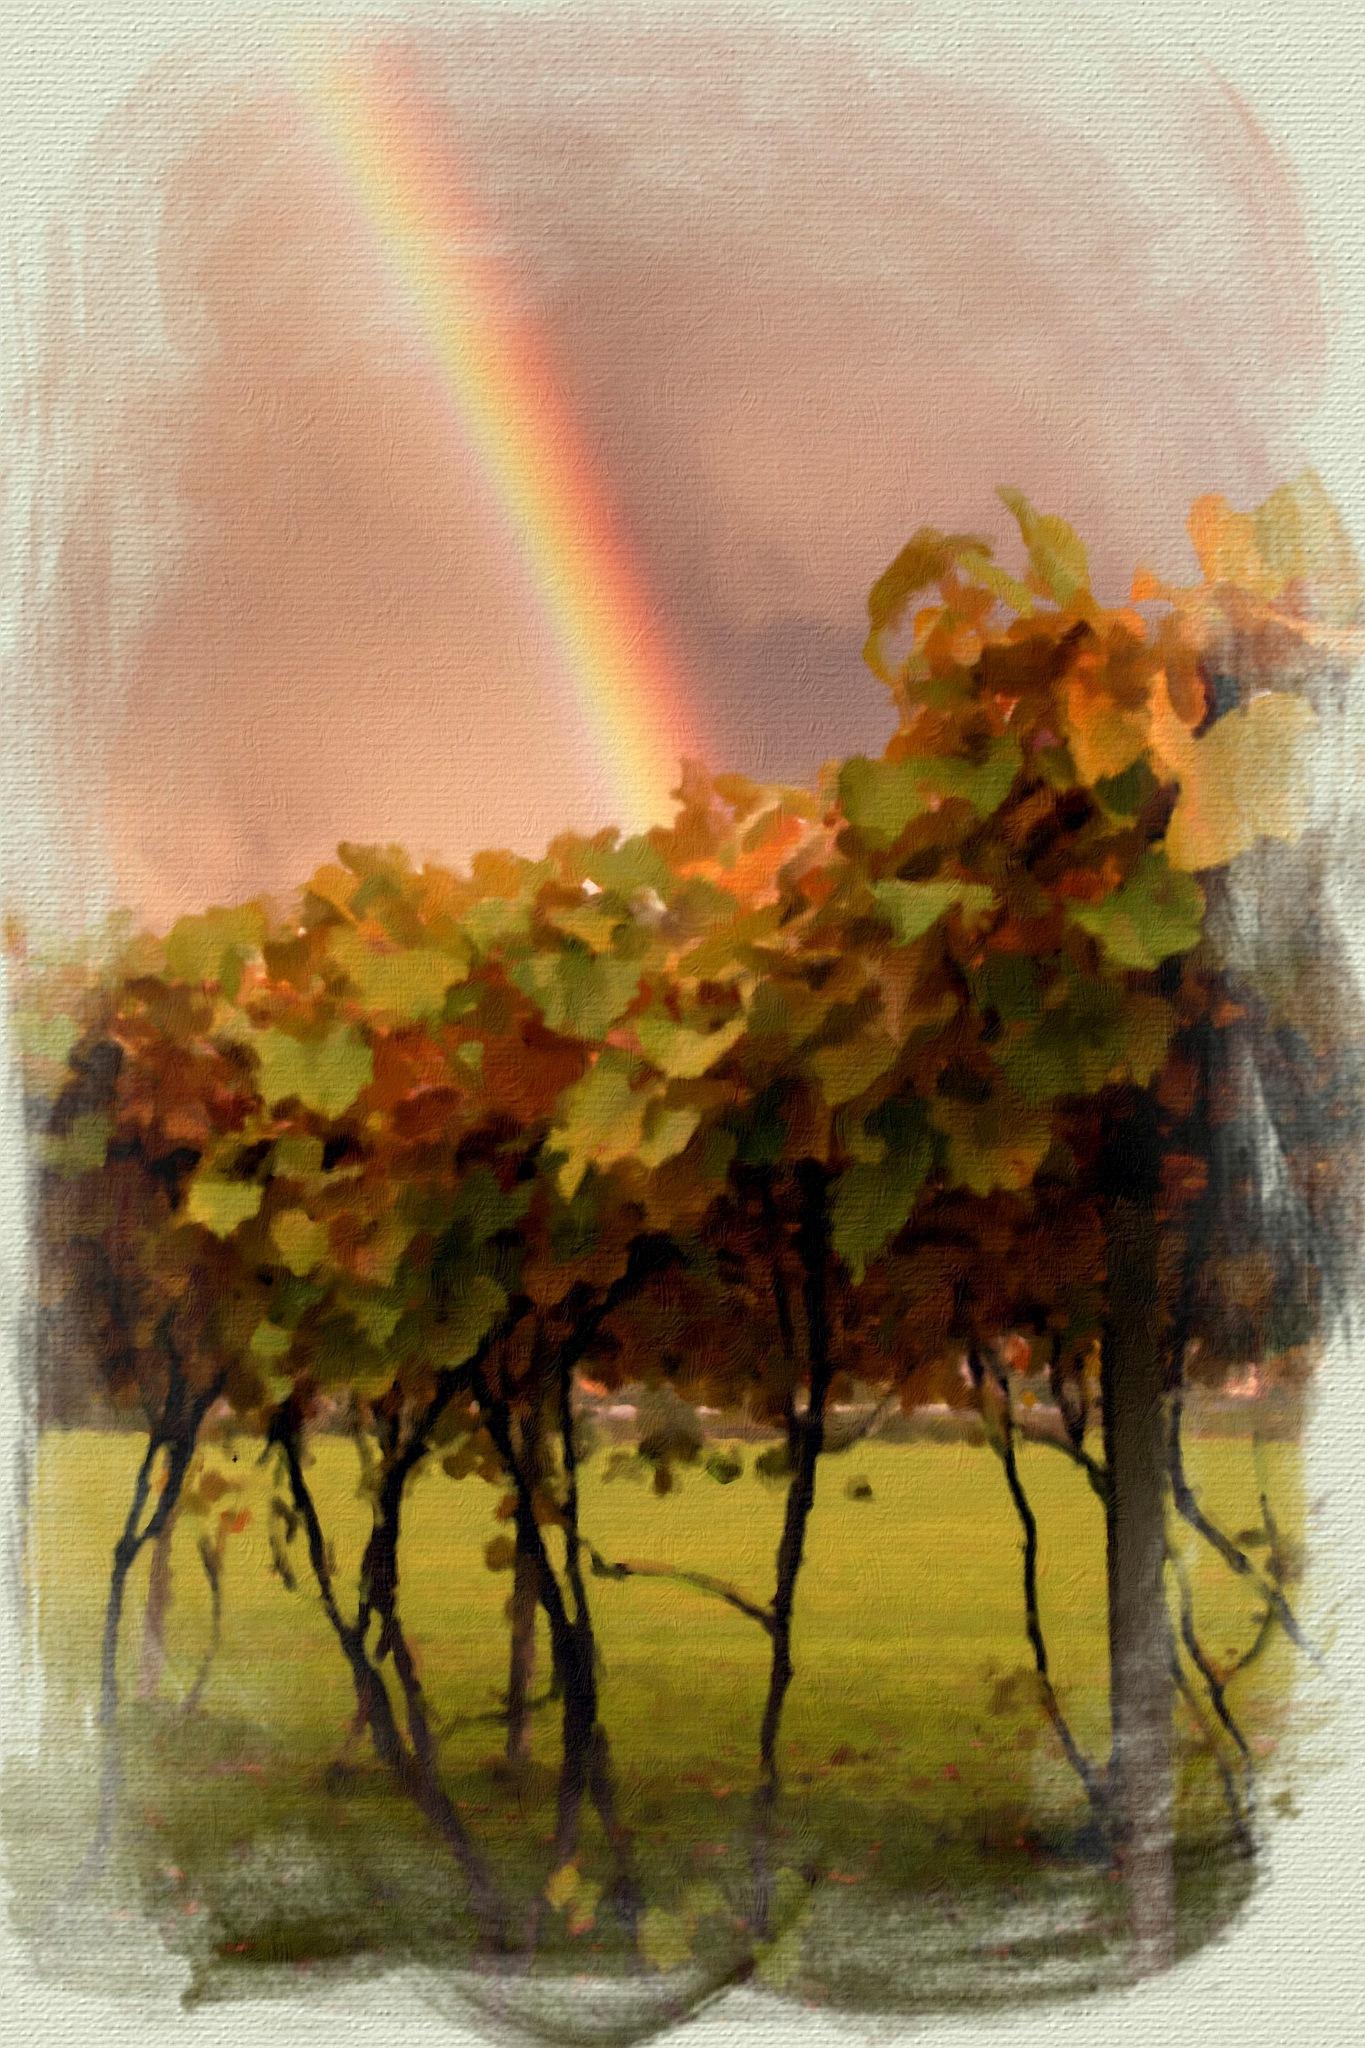 RAINBOW  DREAMS  by EVA